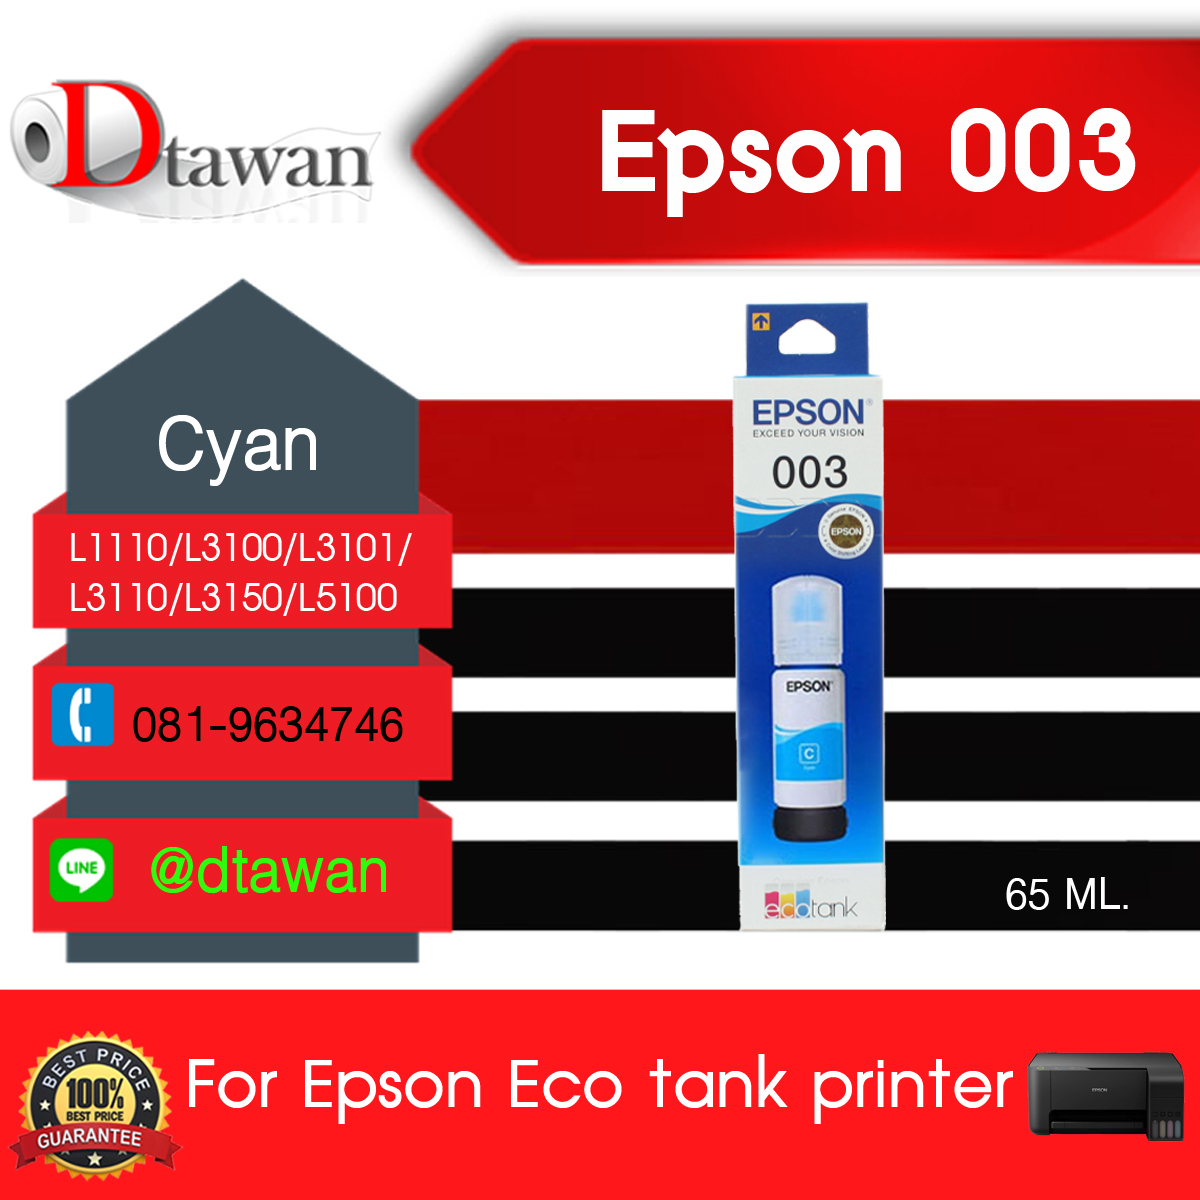 น้ำหมึกเติม EPSON 003 ของแท้ สำหรับ L1100, L3100 L3101, L3110, L3150, L5190  Cyan (สีฟ้า)